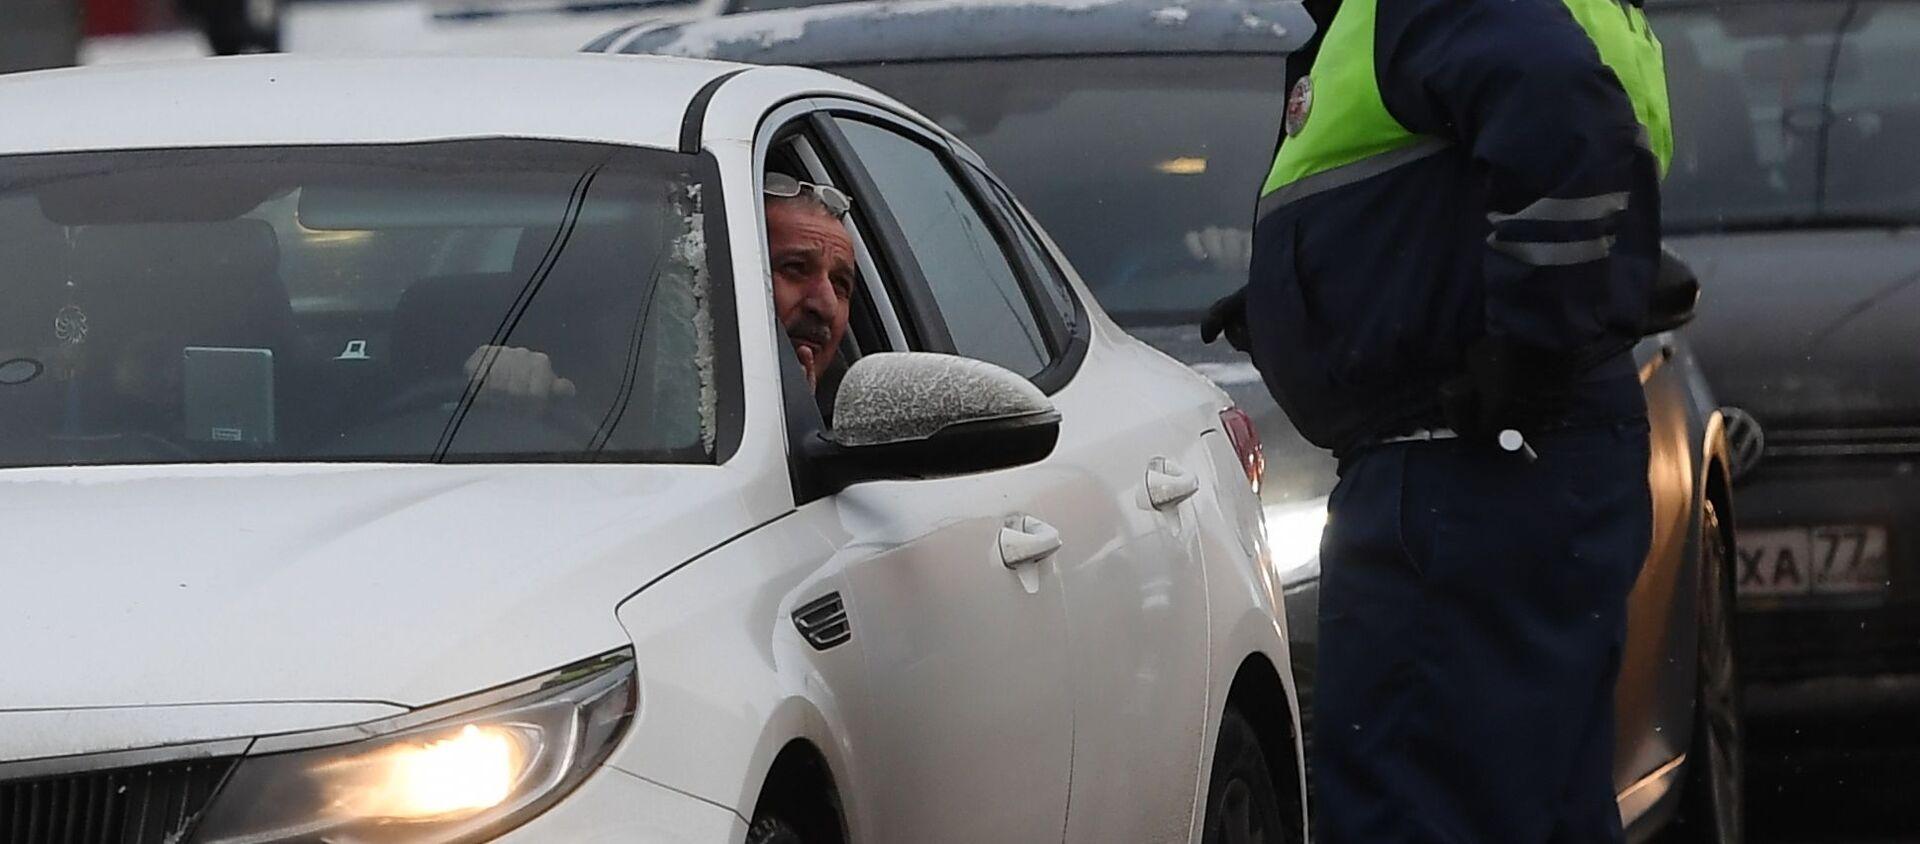 Сотрудник ДПС разговаривает с водителем автомобиля - Sputnik Беларусь, 1920, 22.02.2021